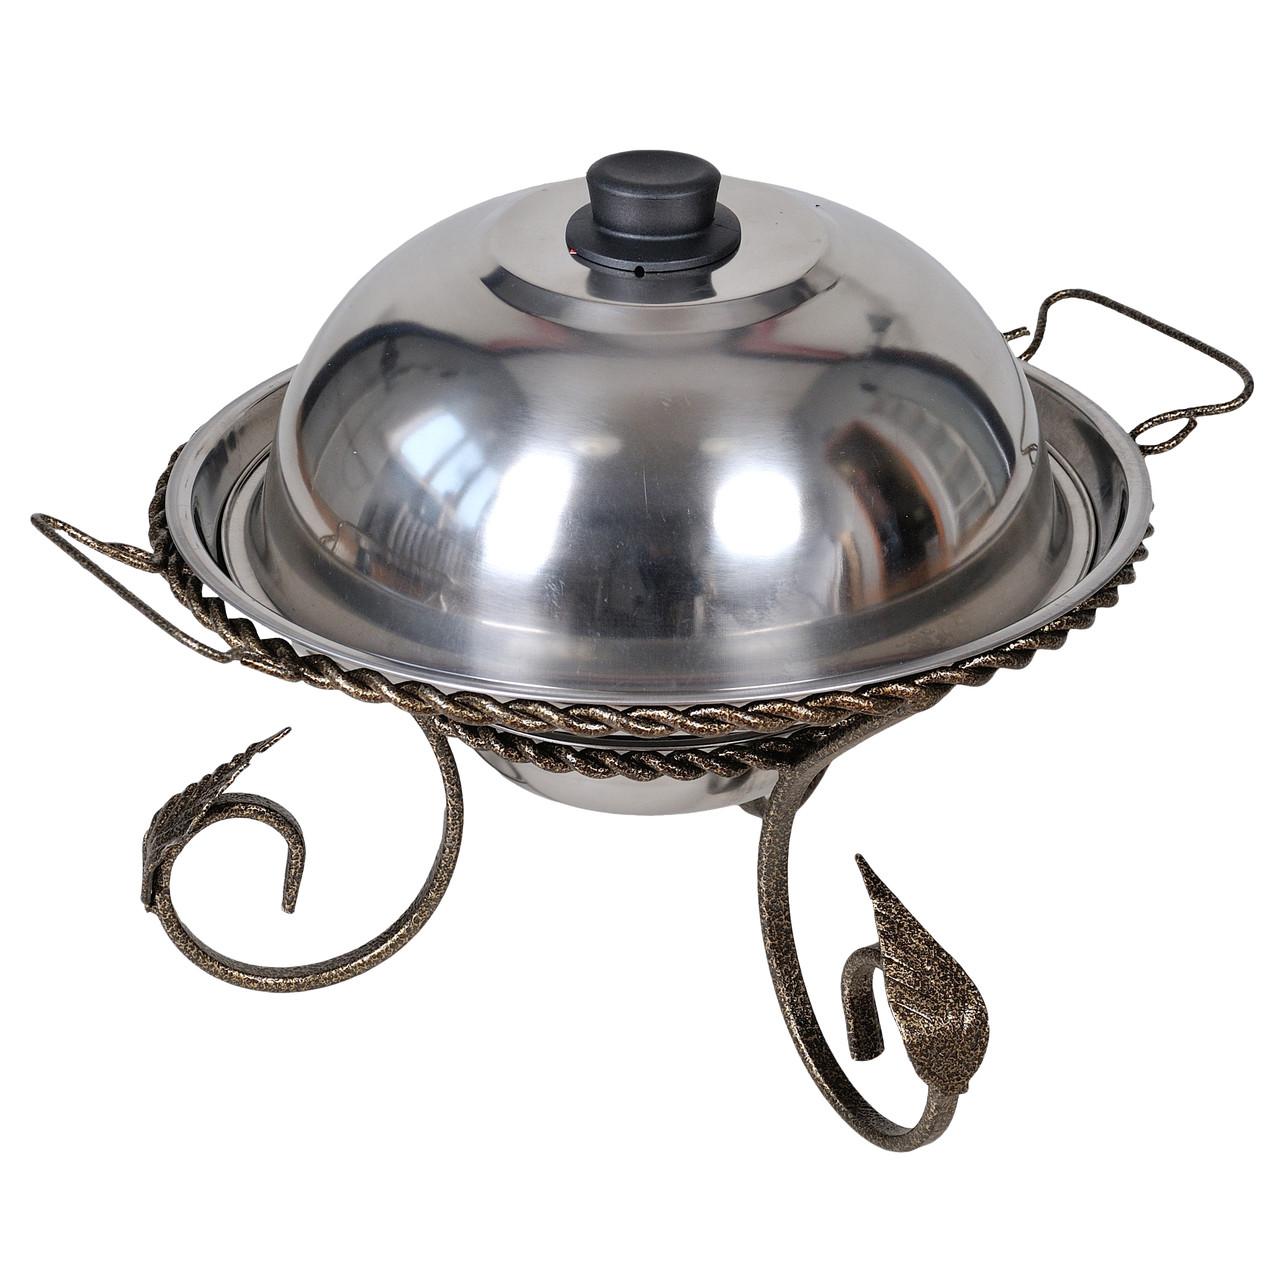 Підставка для підігріву м'яса шашлику Садж з кованими елементами 360 мм + кришка (з нержавіючої сталі)